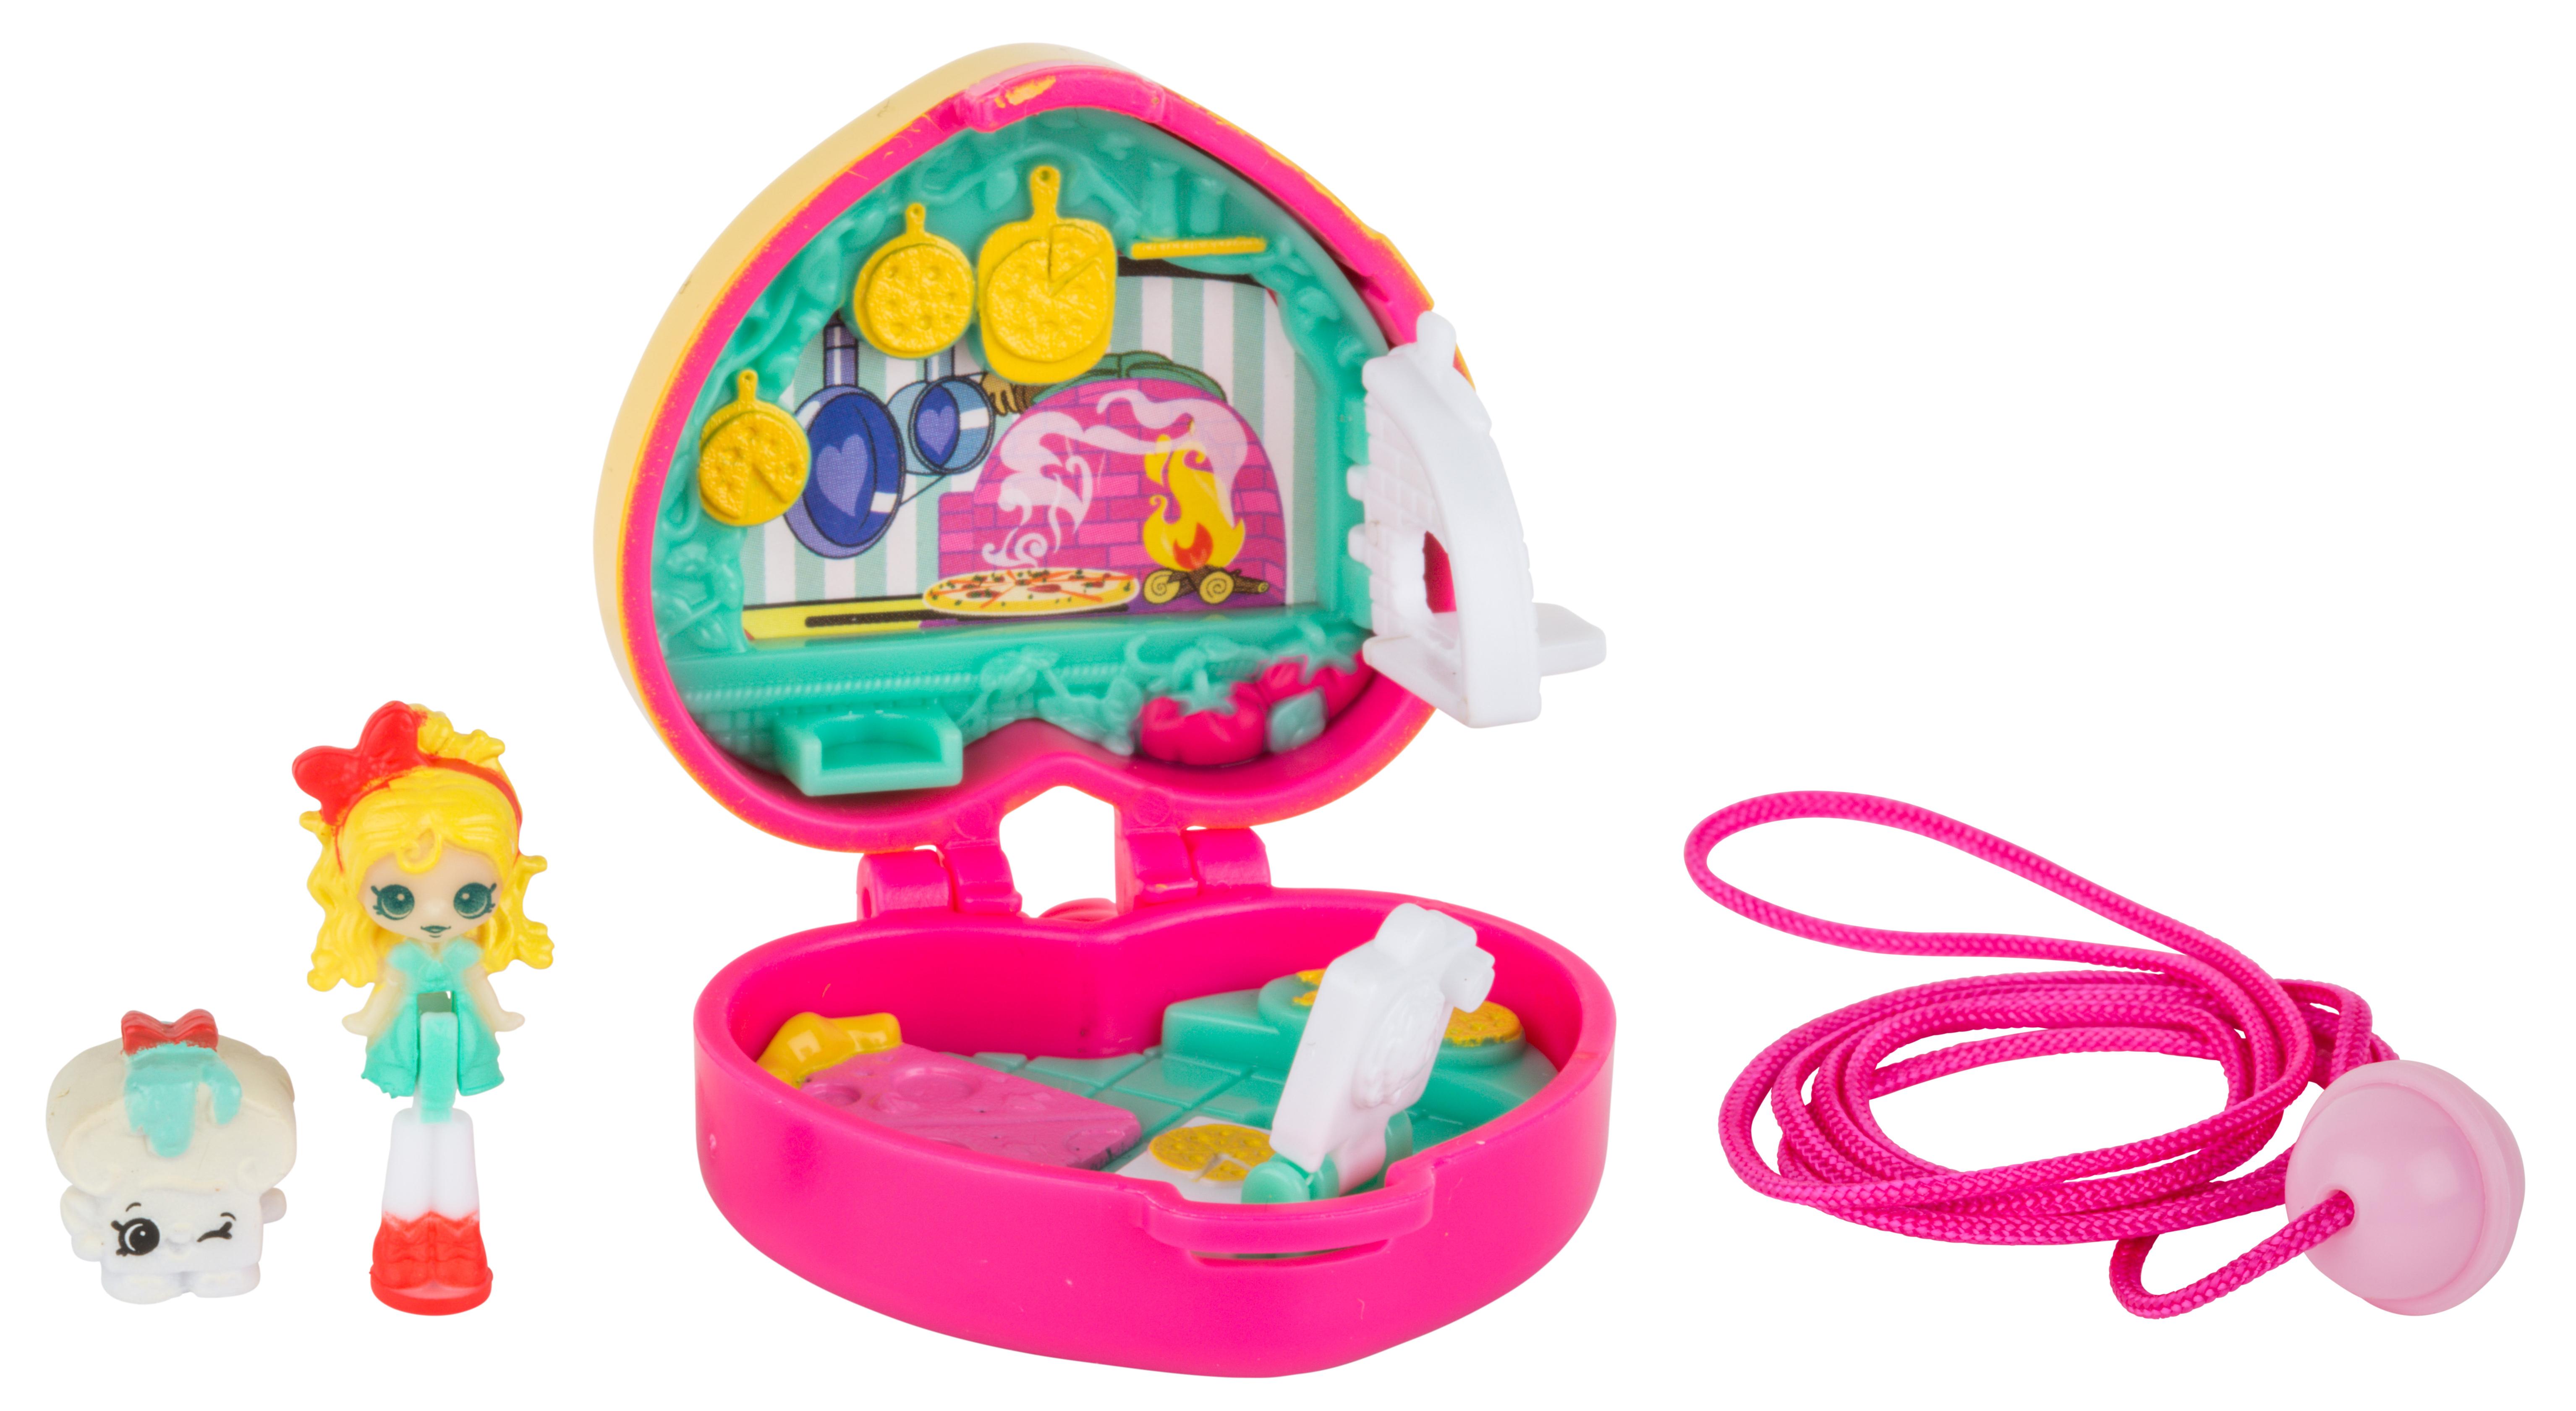 Аксессуары к серийным игрушкам Moose Мини-замочек» в ассортименте фигурка lil secrets мини замочек магазин модной одежды